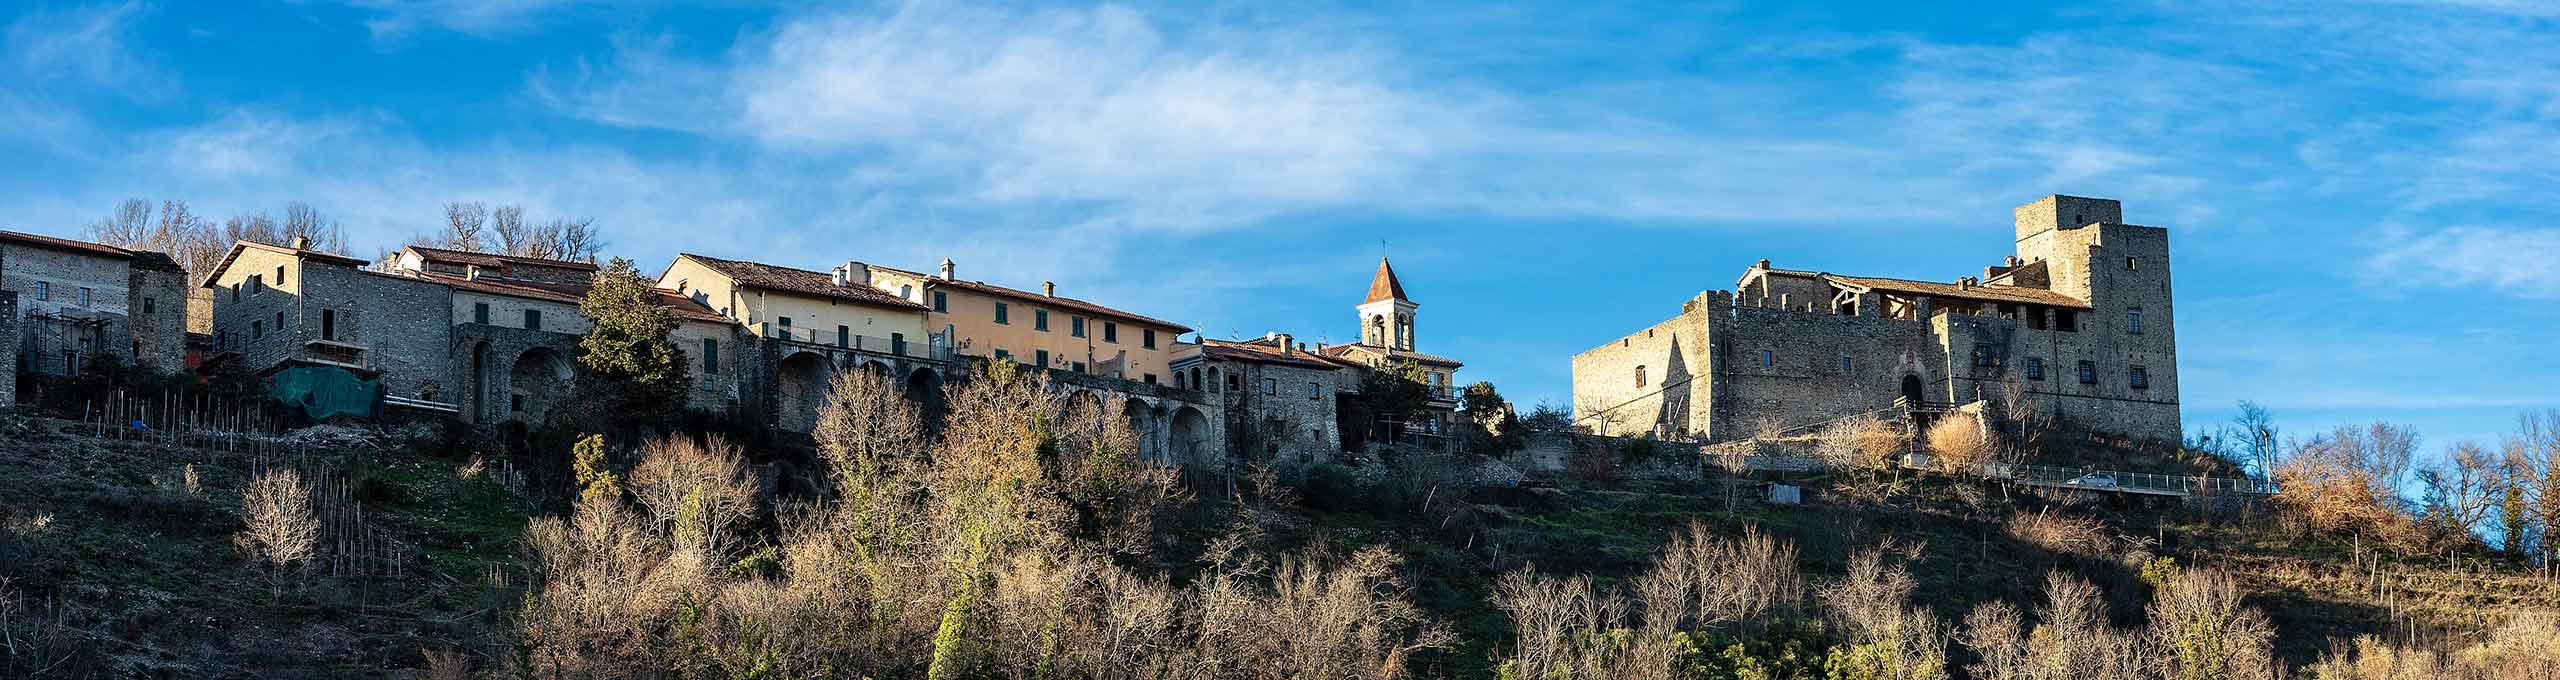 Castello Medievale di Lussuolo